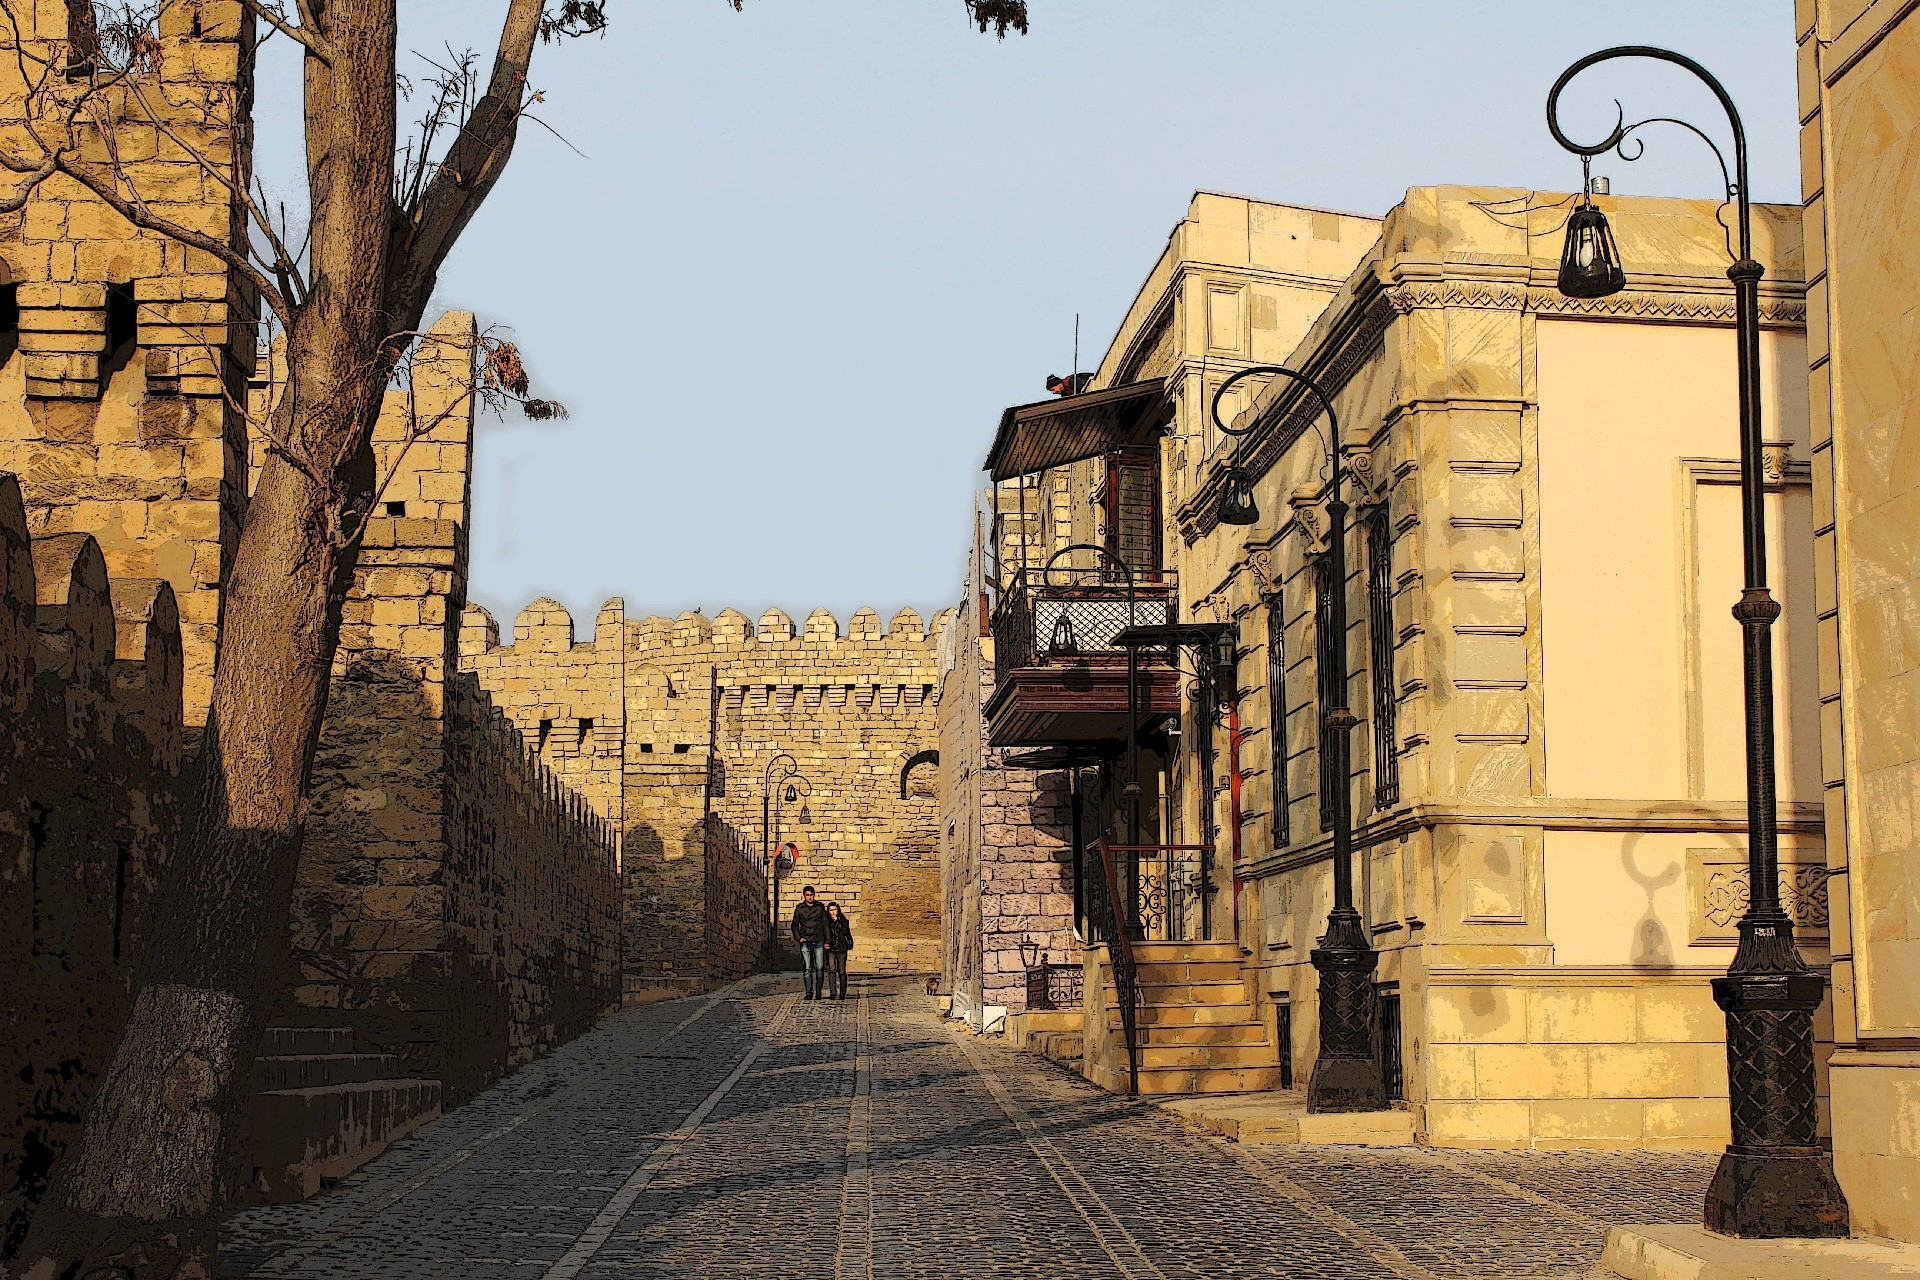 До конца года завершится реставрация двух аварийных зданий на улице Беюк Гала